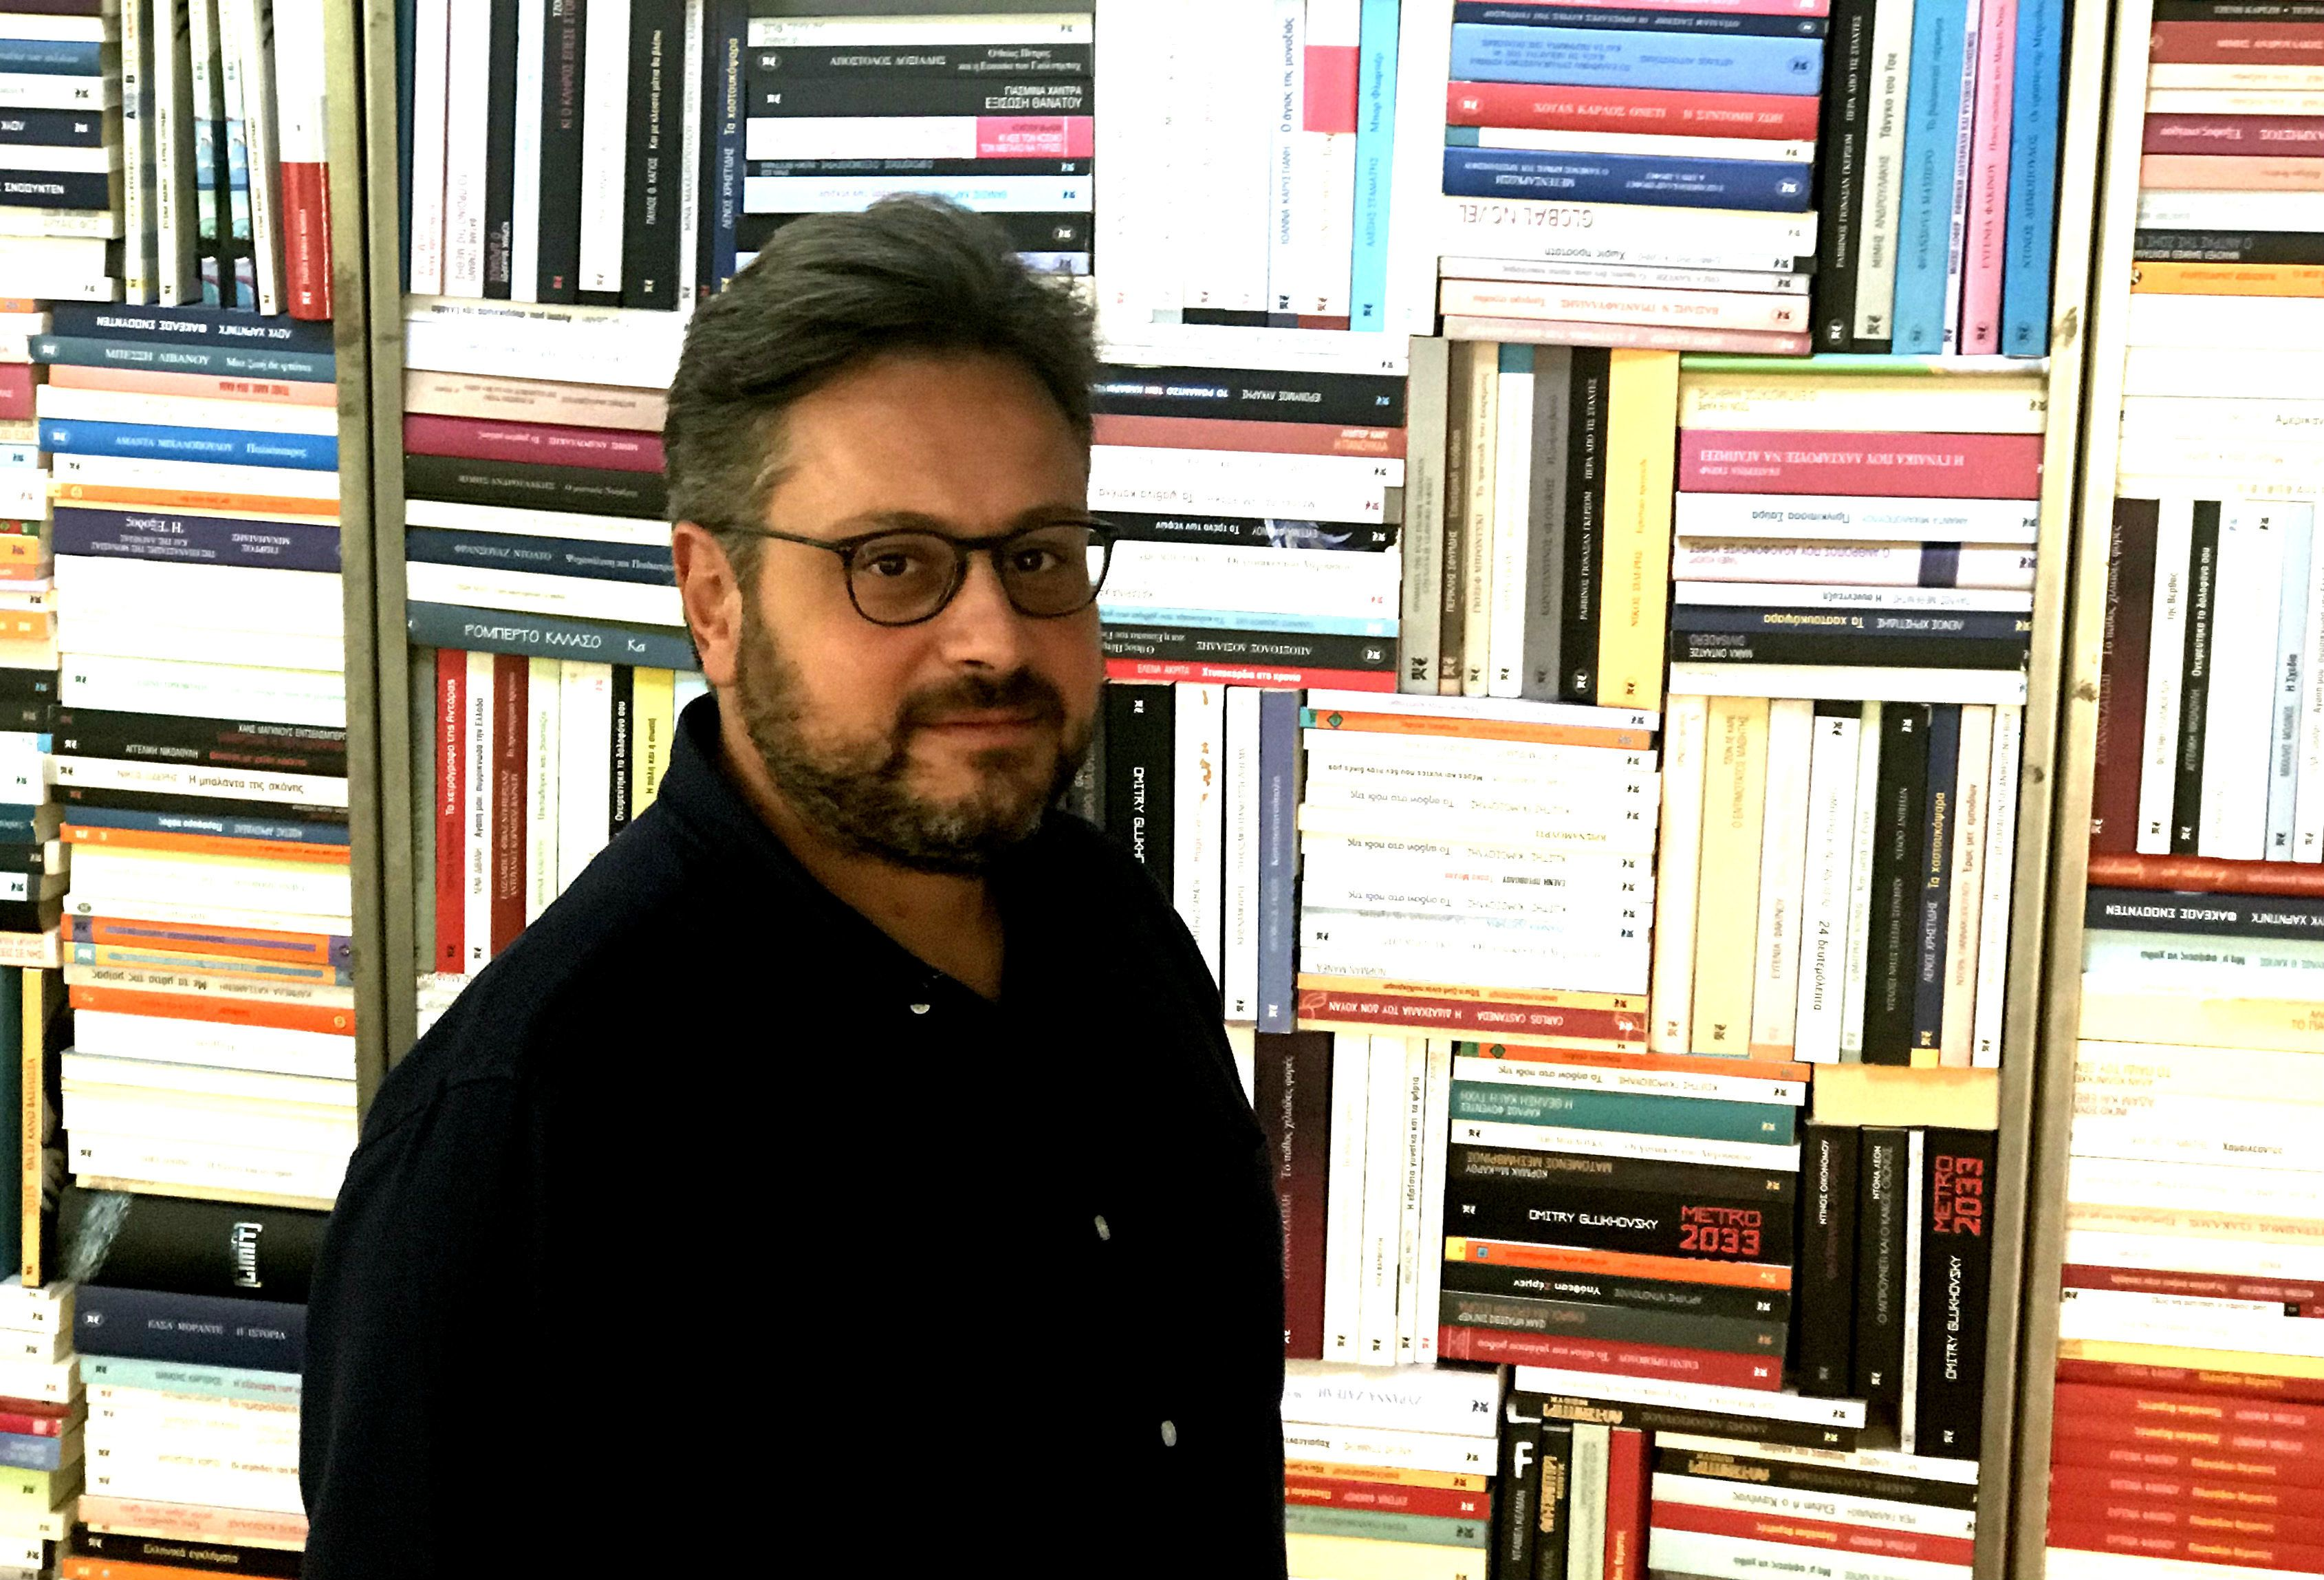 «Σε ένα ερημονήσι θα έπαιρνα το e-reader μου που χωράει 3.000 βιβλία». Ο εκδότης Αργύρης Καστανιώτης...